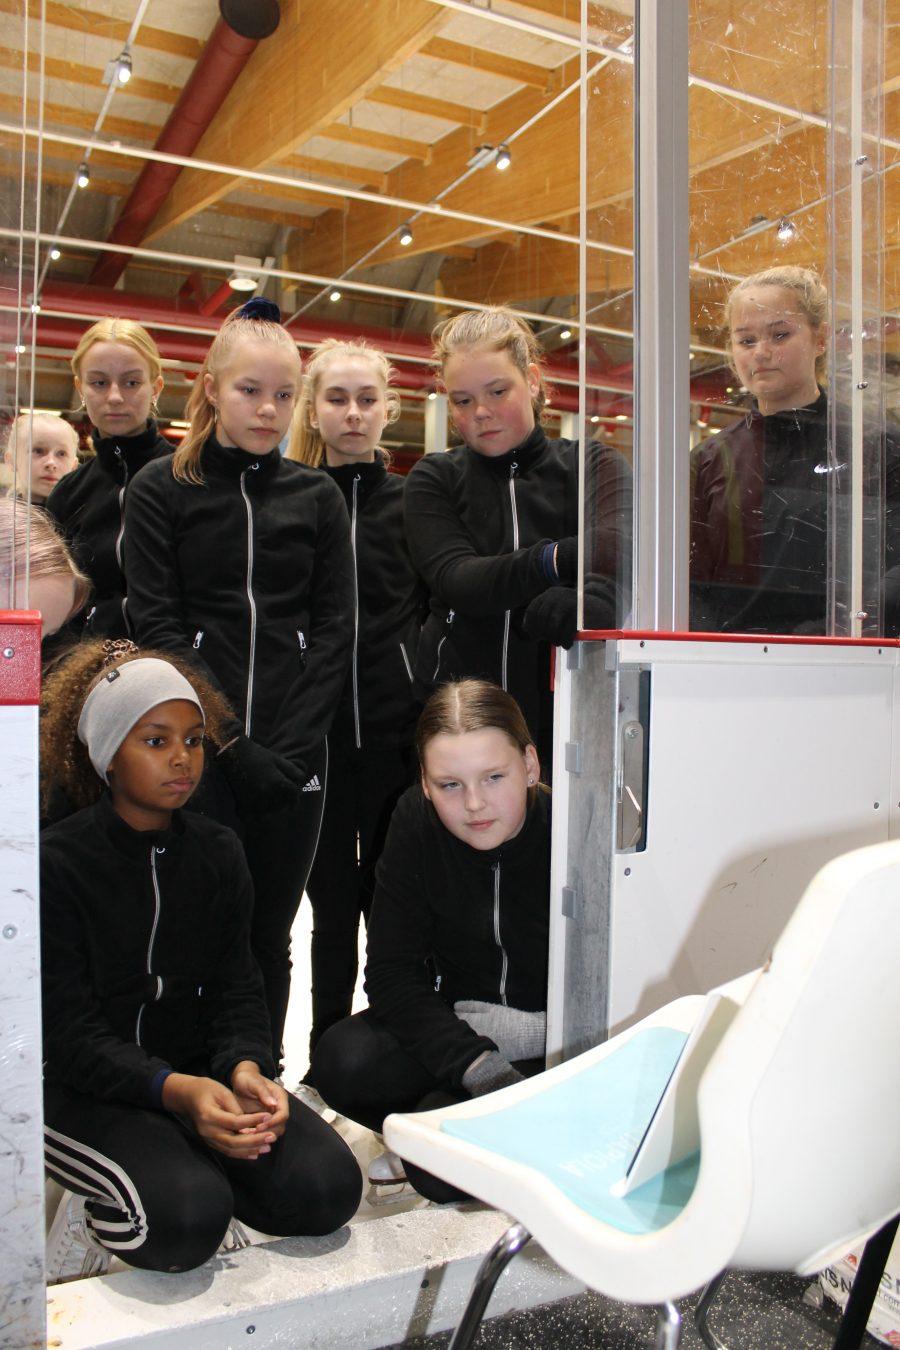 Valmentaja Riina Muotka ja kokkolalainen noviisijoukkue Ice Sparkles avaavat uraa etävalmennukselle. Riina valmentaa joukkueen ohjelmaharjoituksia uudelta kotipaikkakunnaltaan Kouvolasta. Valmentajana jäällä luistelee etätuntien aikana Sini Virtanen.